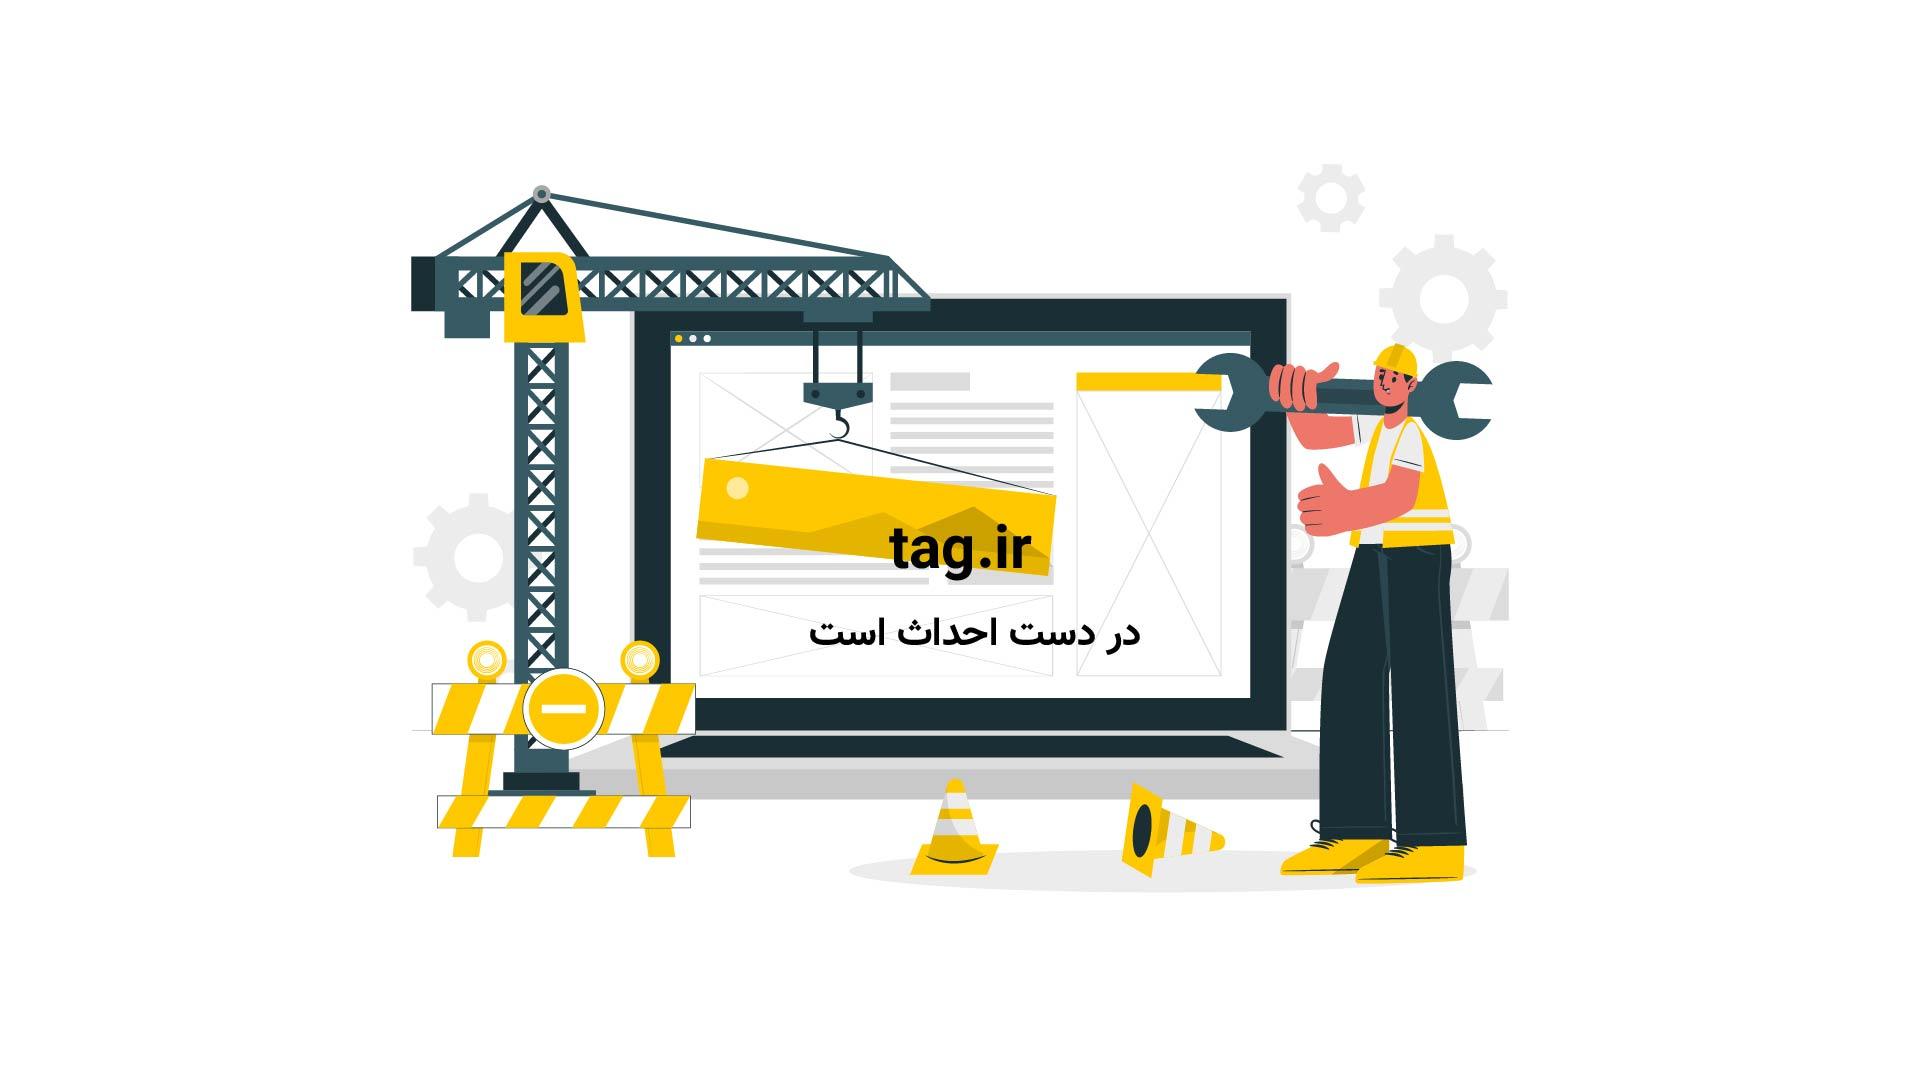 عناوین روزنامه های ورزشی یکشنبه 28 خرداد | فیلم